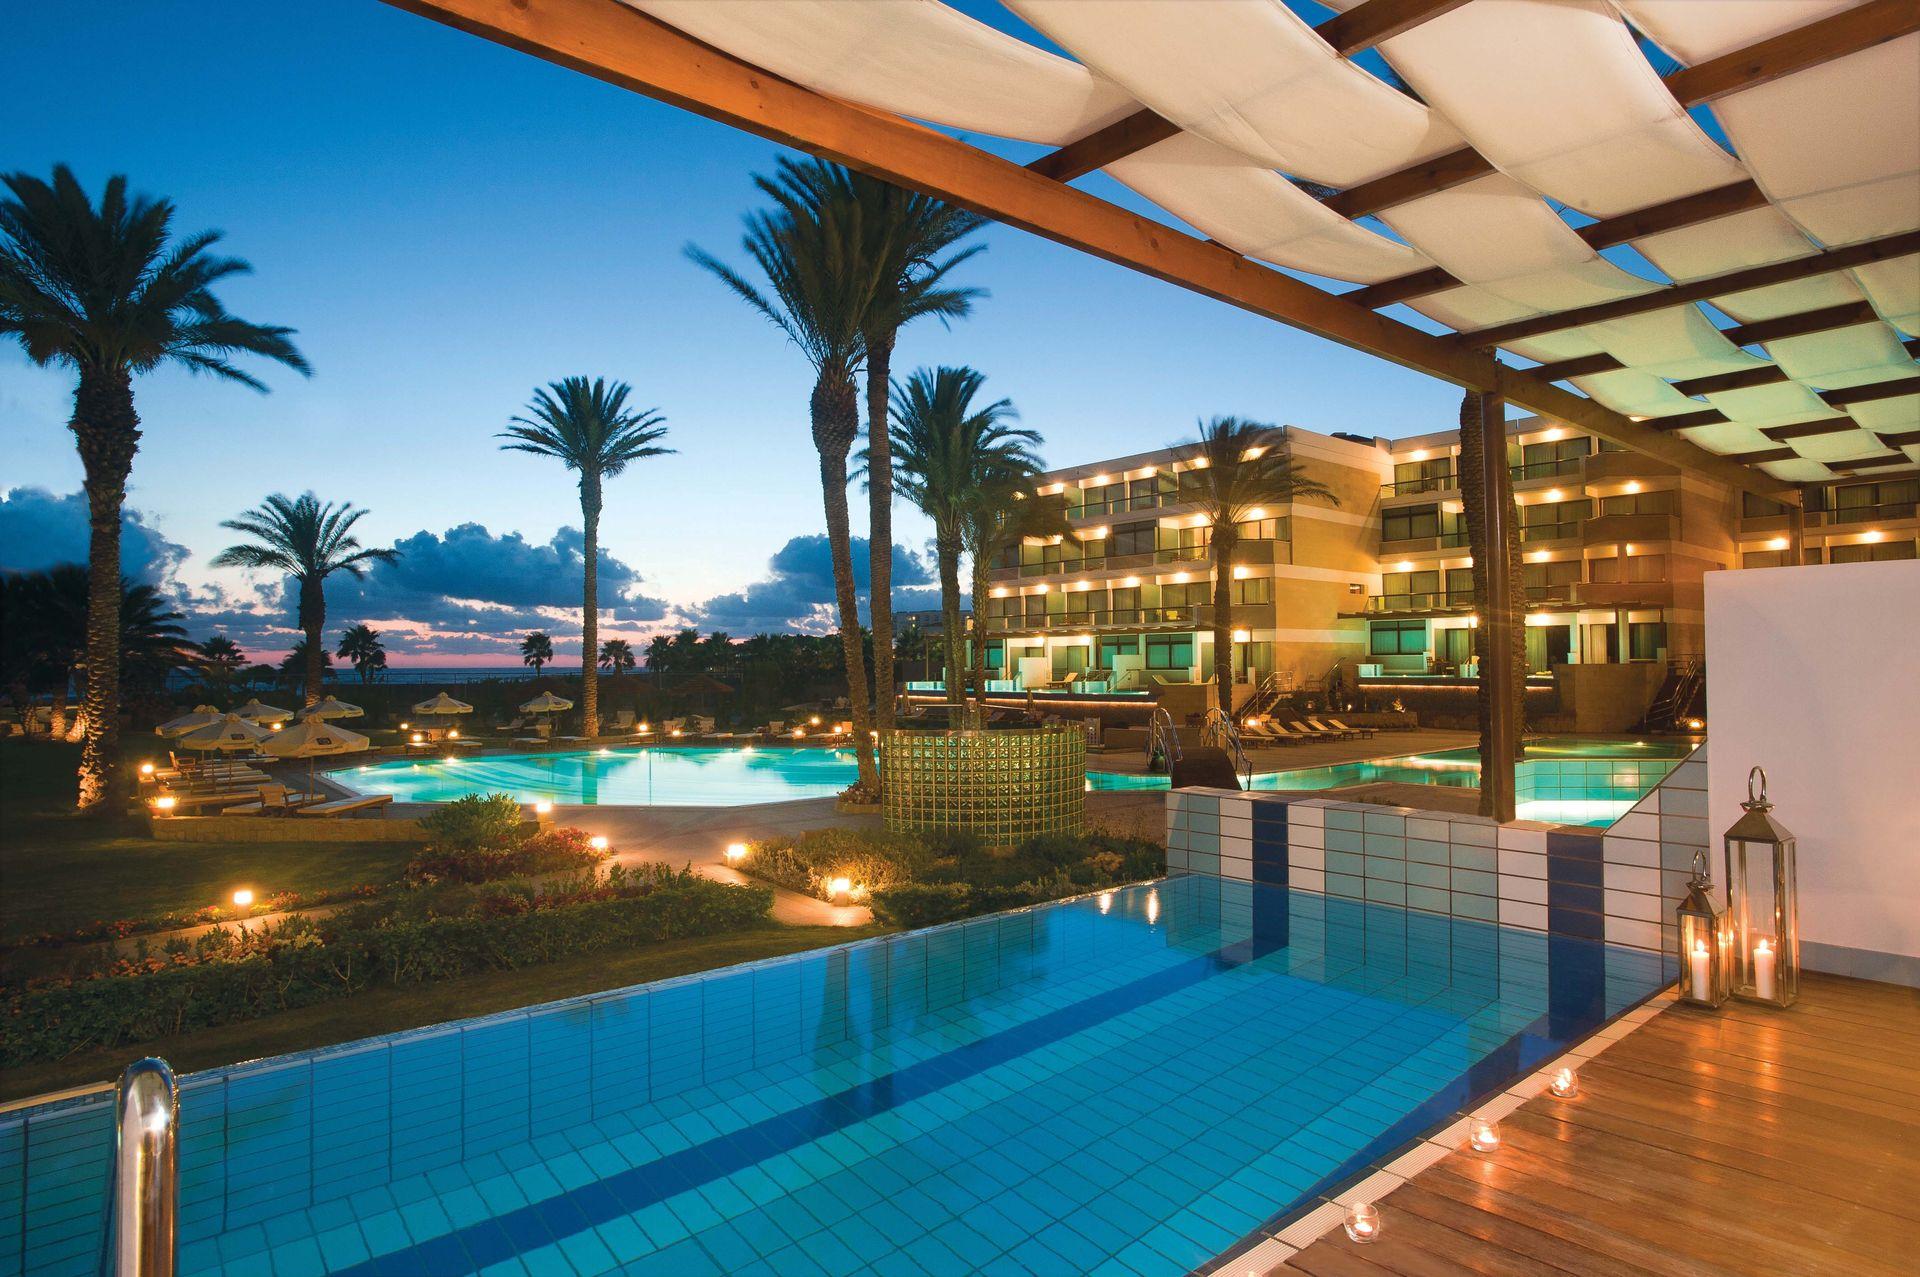 _06-asimina suites hotel-night pool_resized